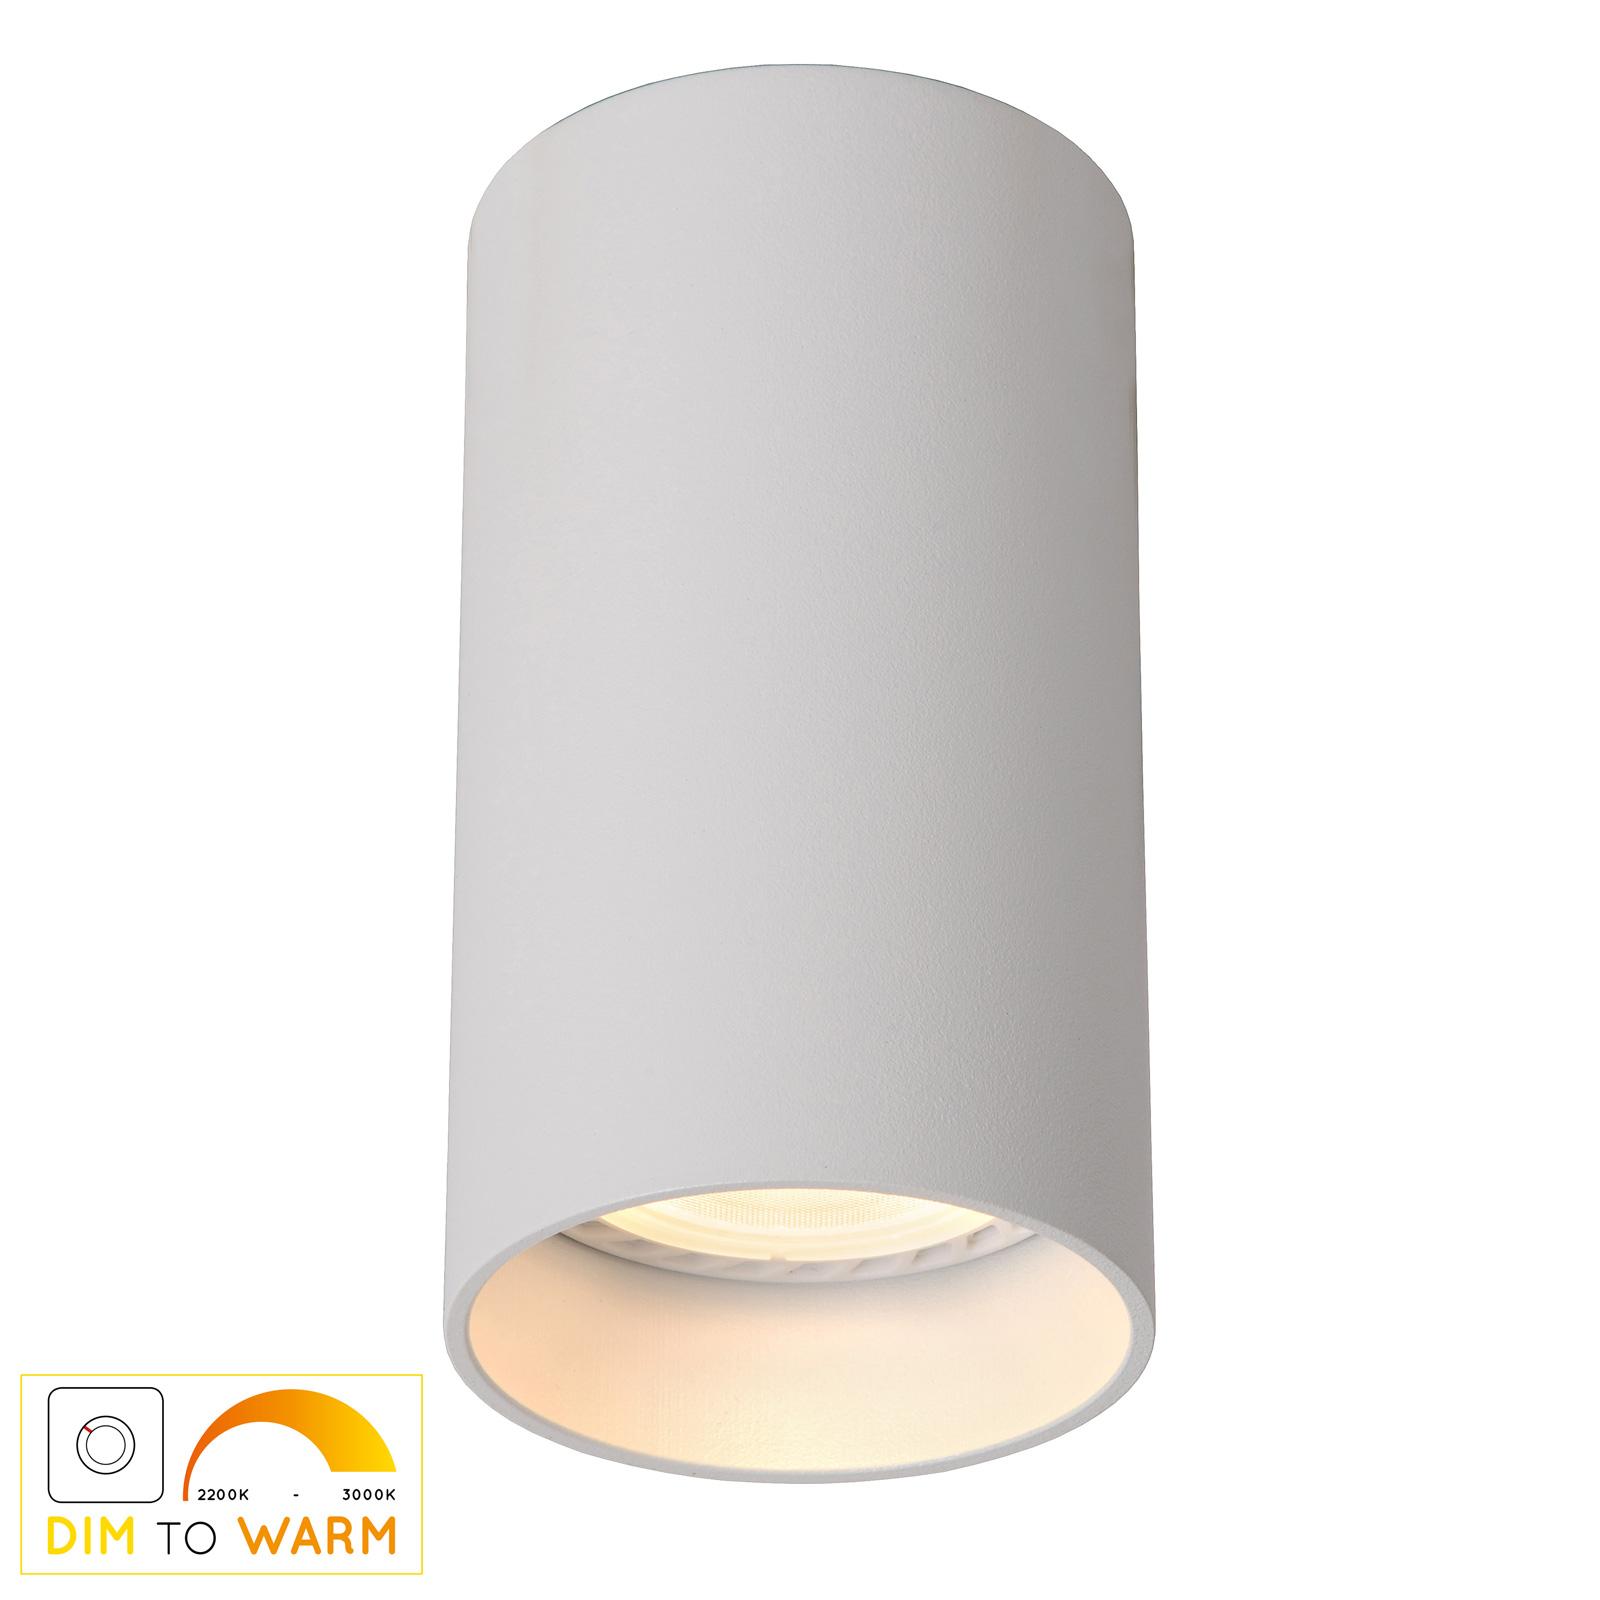 LED-kattovalaisin Delto, pyöreä, valkoinen